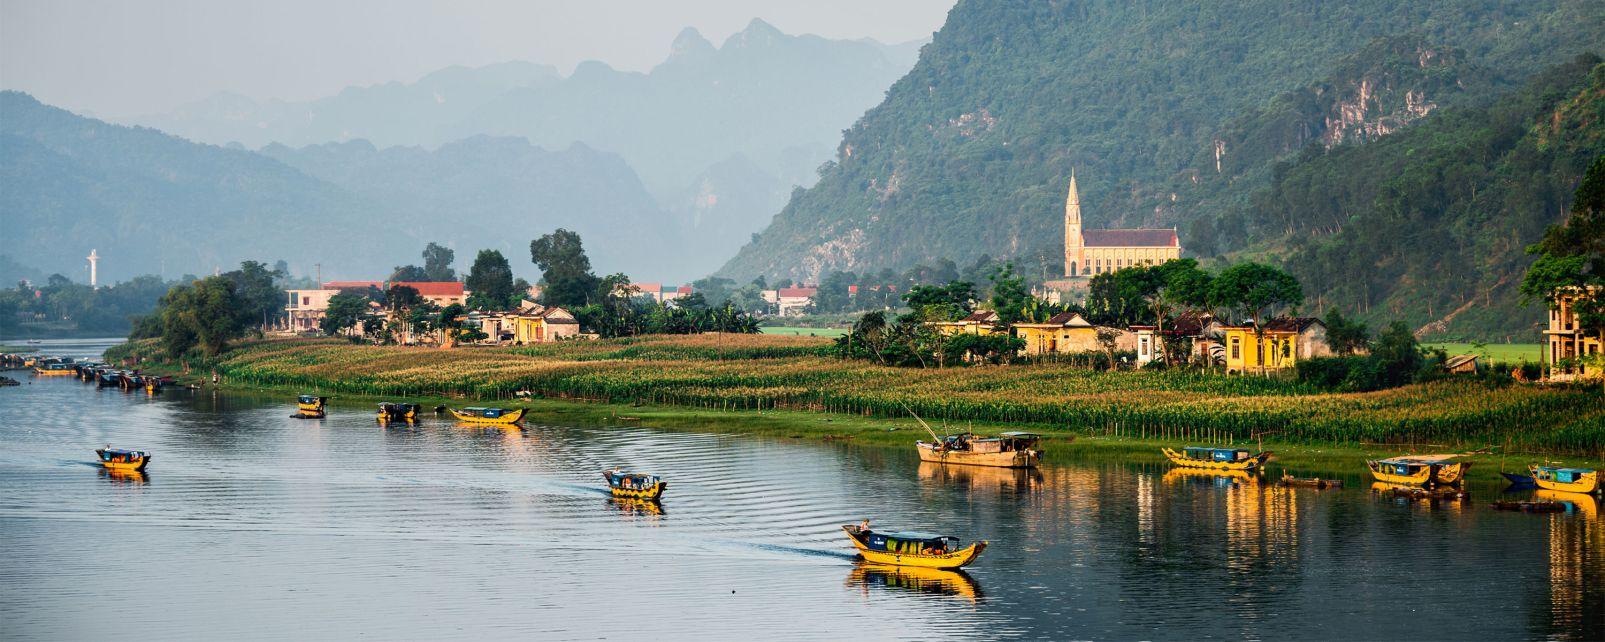 Asie, Vietnam, Parc national de Phong Nha, Ke Bang, bateaux, lac, village, montagne